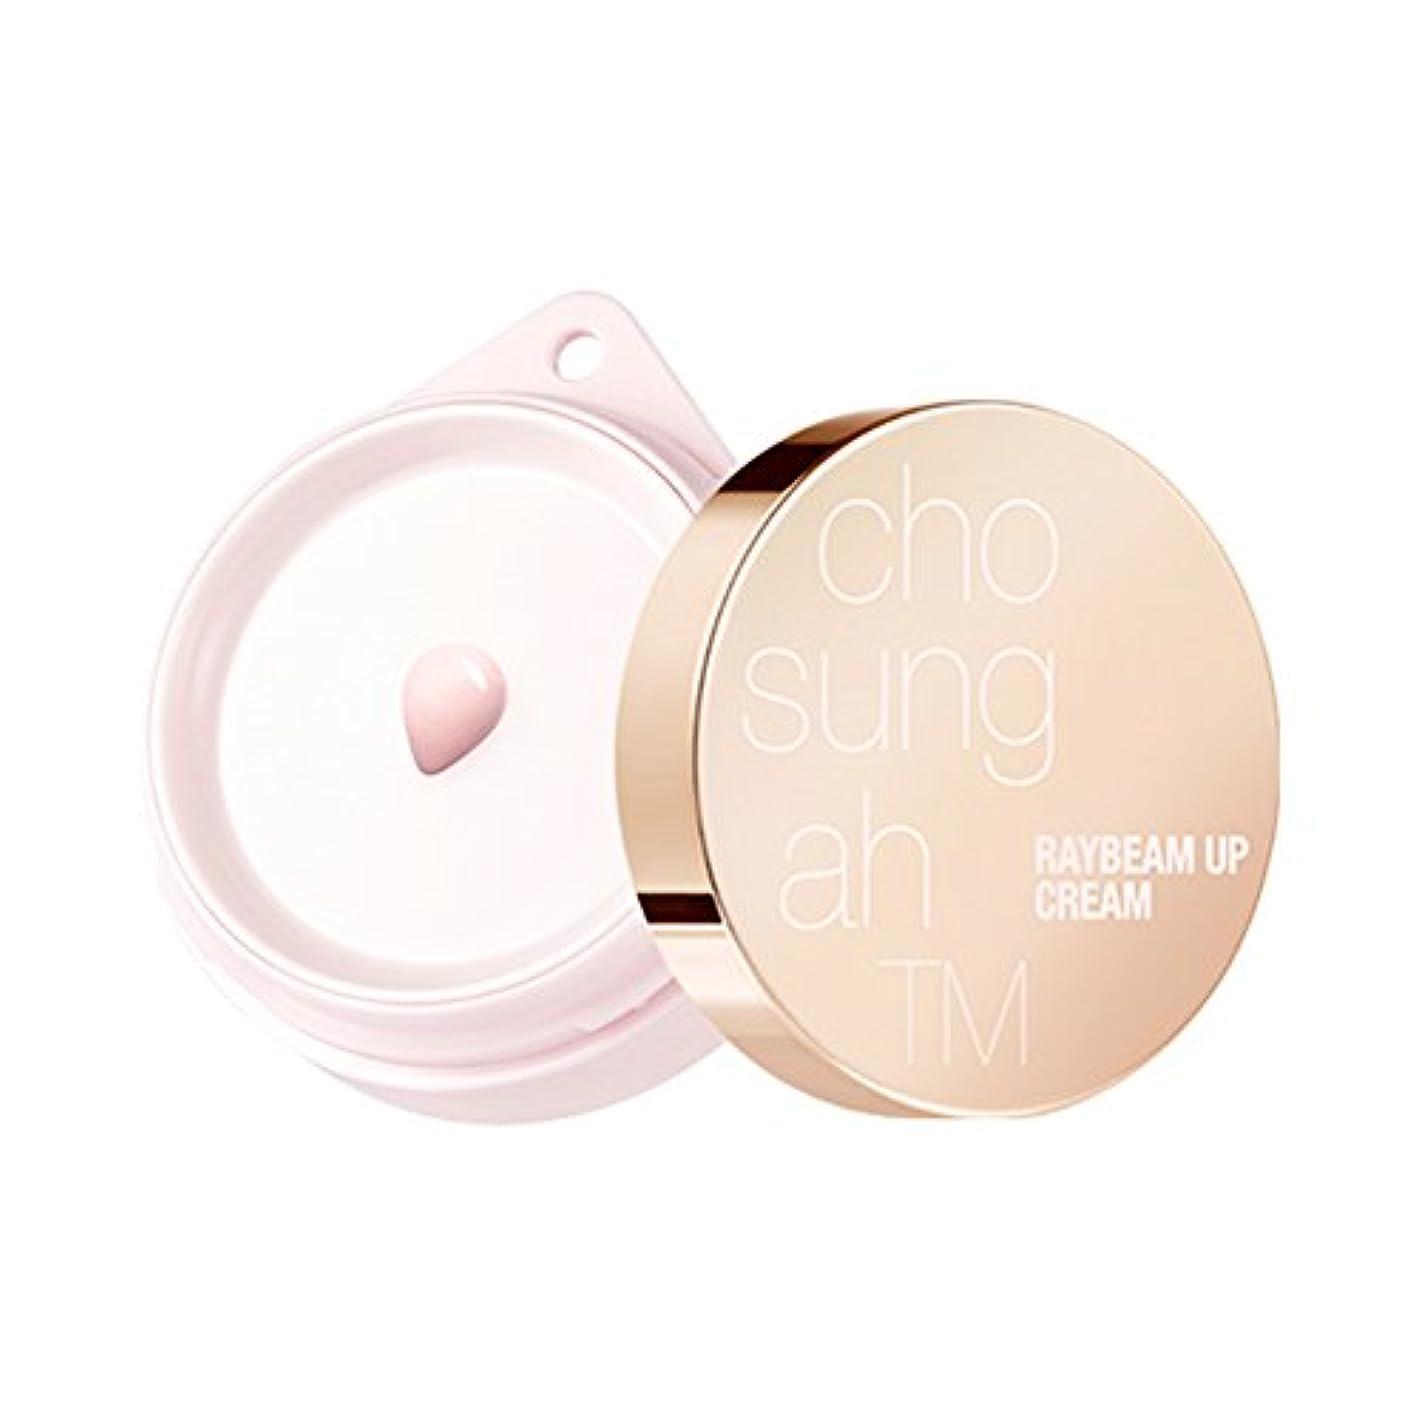 バルク小康ペリスコープ(ジョソンア) Chosungah Raybeam Up Cream Season 2 SPF30/PA++ 14ml (14ml) [並行輸入品]